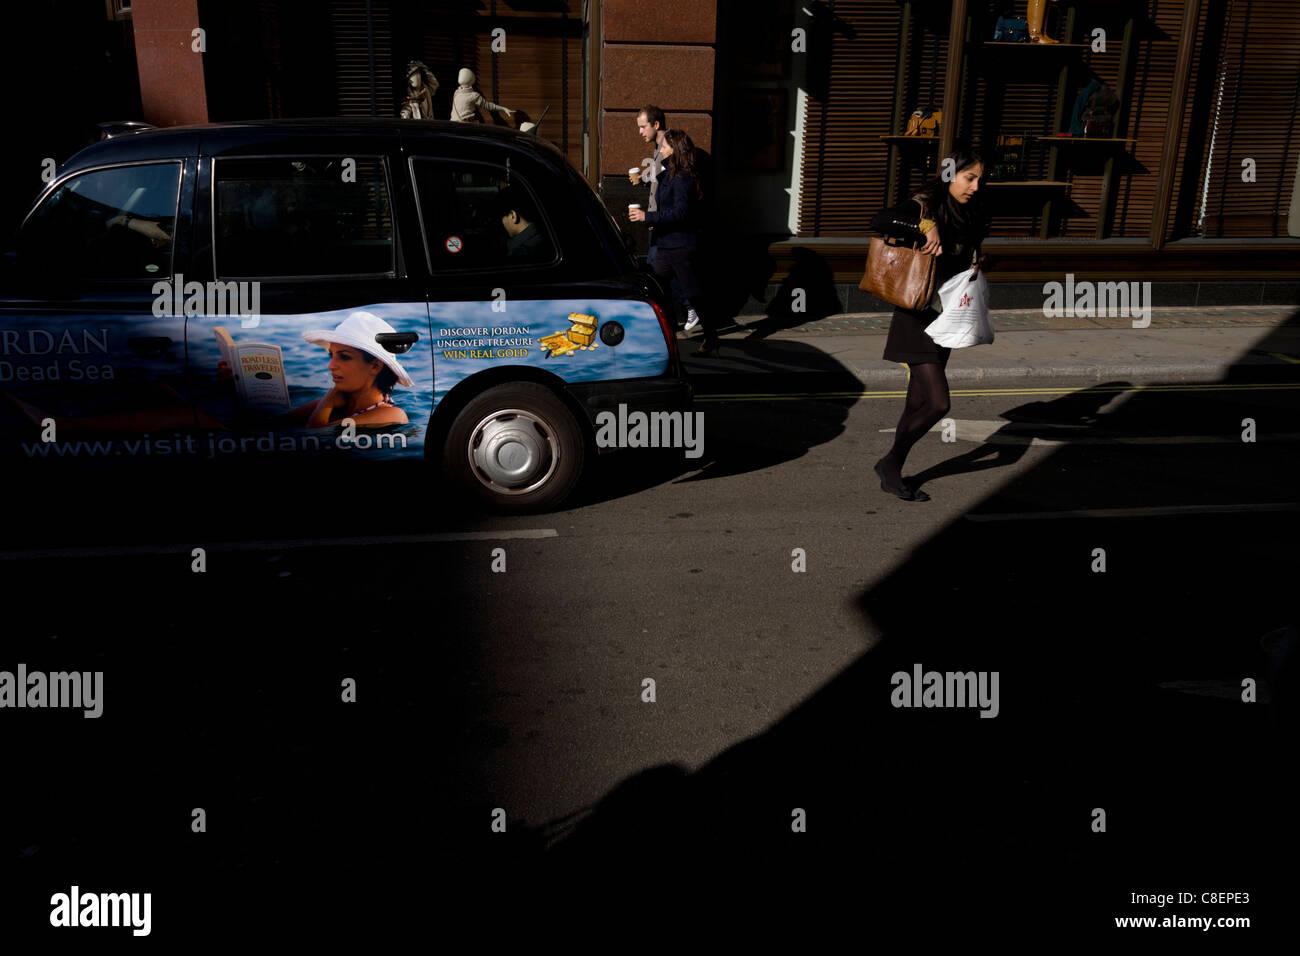 Un anuncio de vacaciones de Jordania en el lateral de un taxi de Londres y una concurrida carrera mujer que cruza Foto de stock